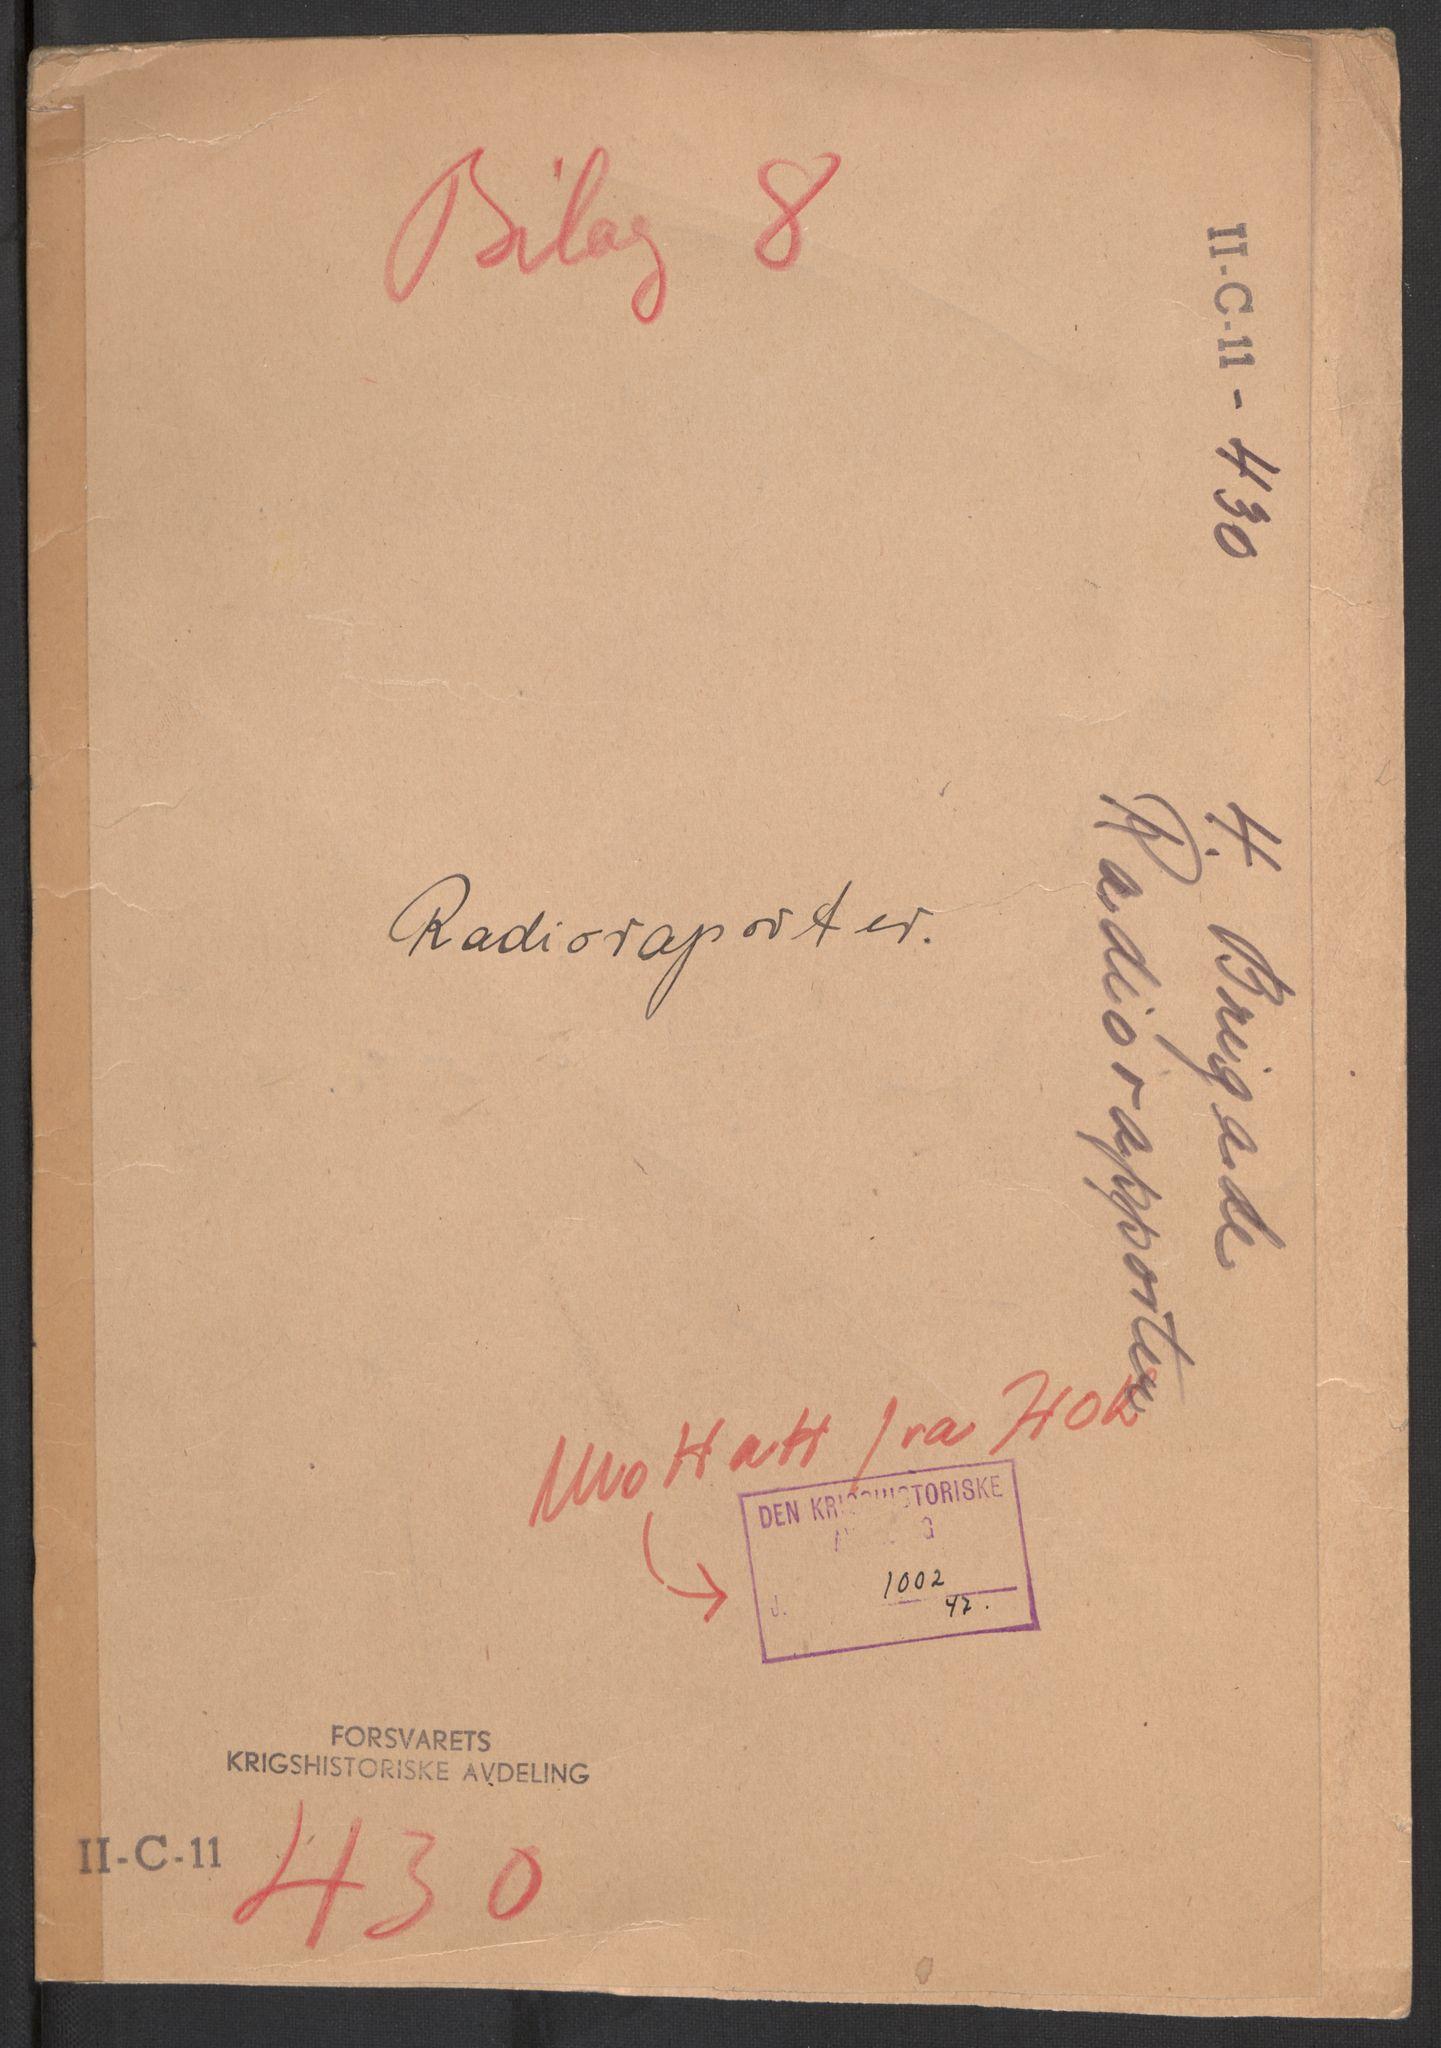 RA, Forsvaret, Forsvarets krigshistoriske avdeling, Y/Yb/L0104: II-C-11-430  -  4. Divisjon., 1940, s. 561